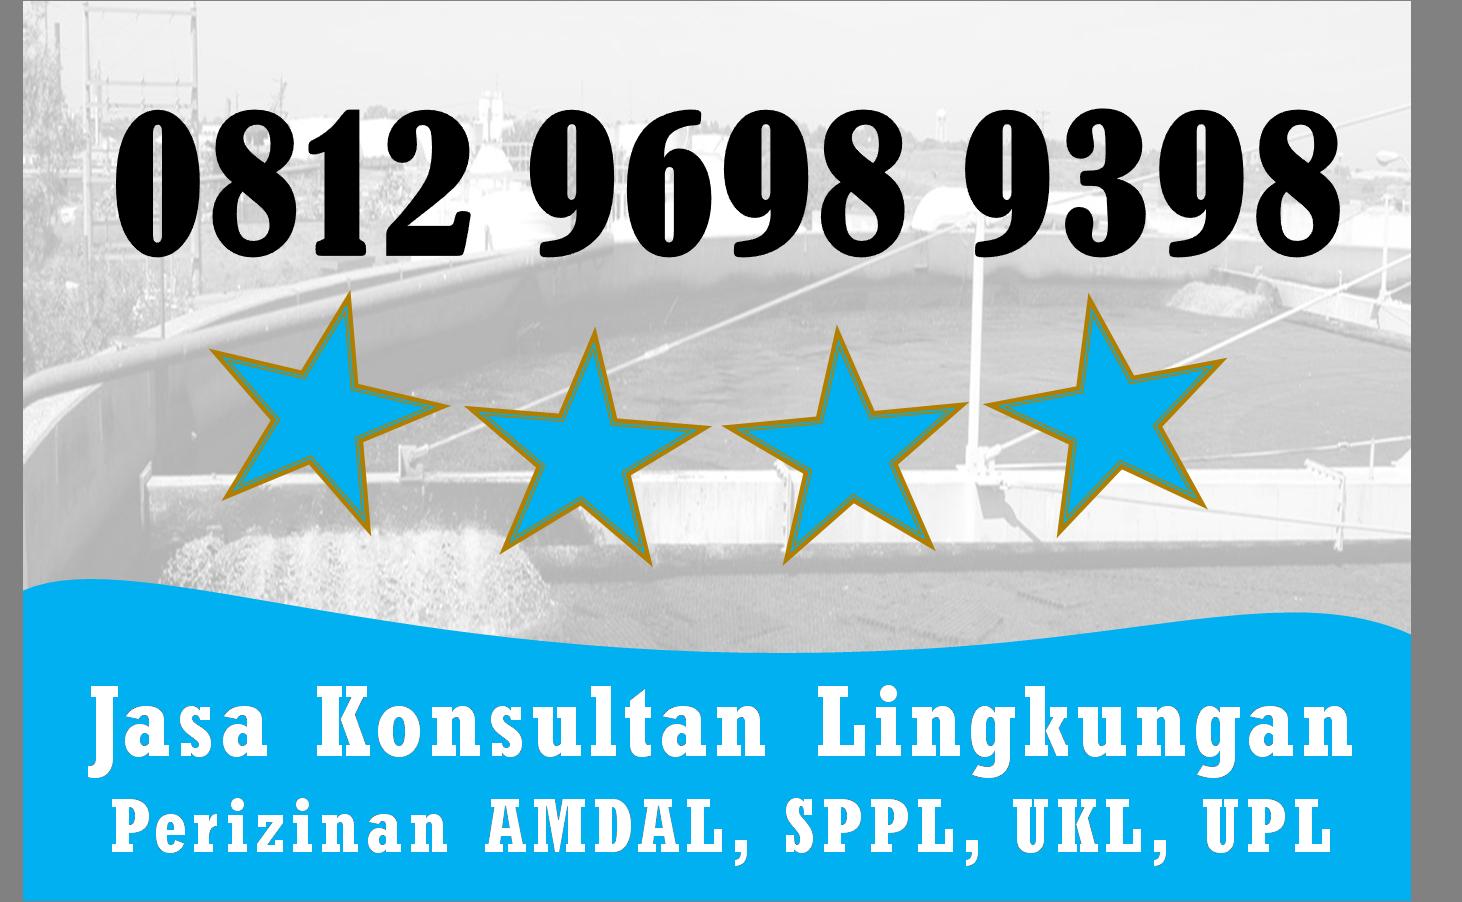 Terbaru Telp Wa 0812 9698 9398 Ukl Upl Batching Plant Pdf Kab Cianjur Jawa Barat Kota Bukittinggi Kota Manado Teknik Lingkungan